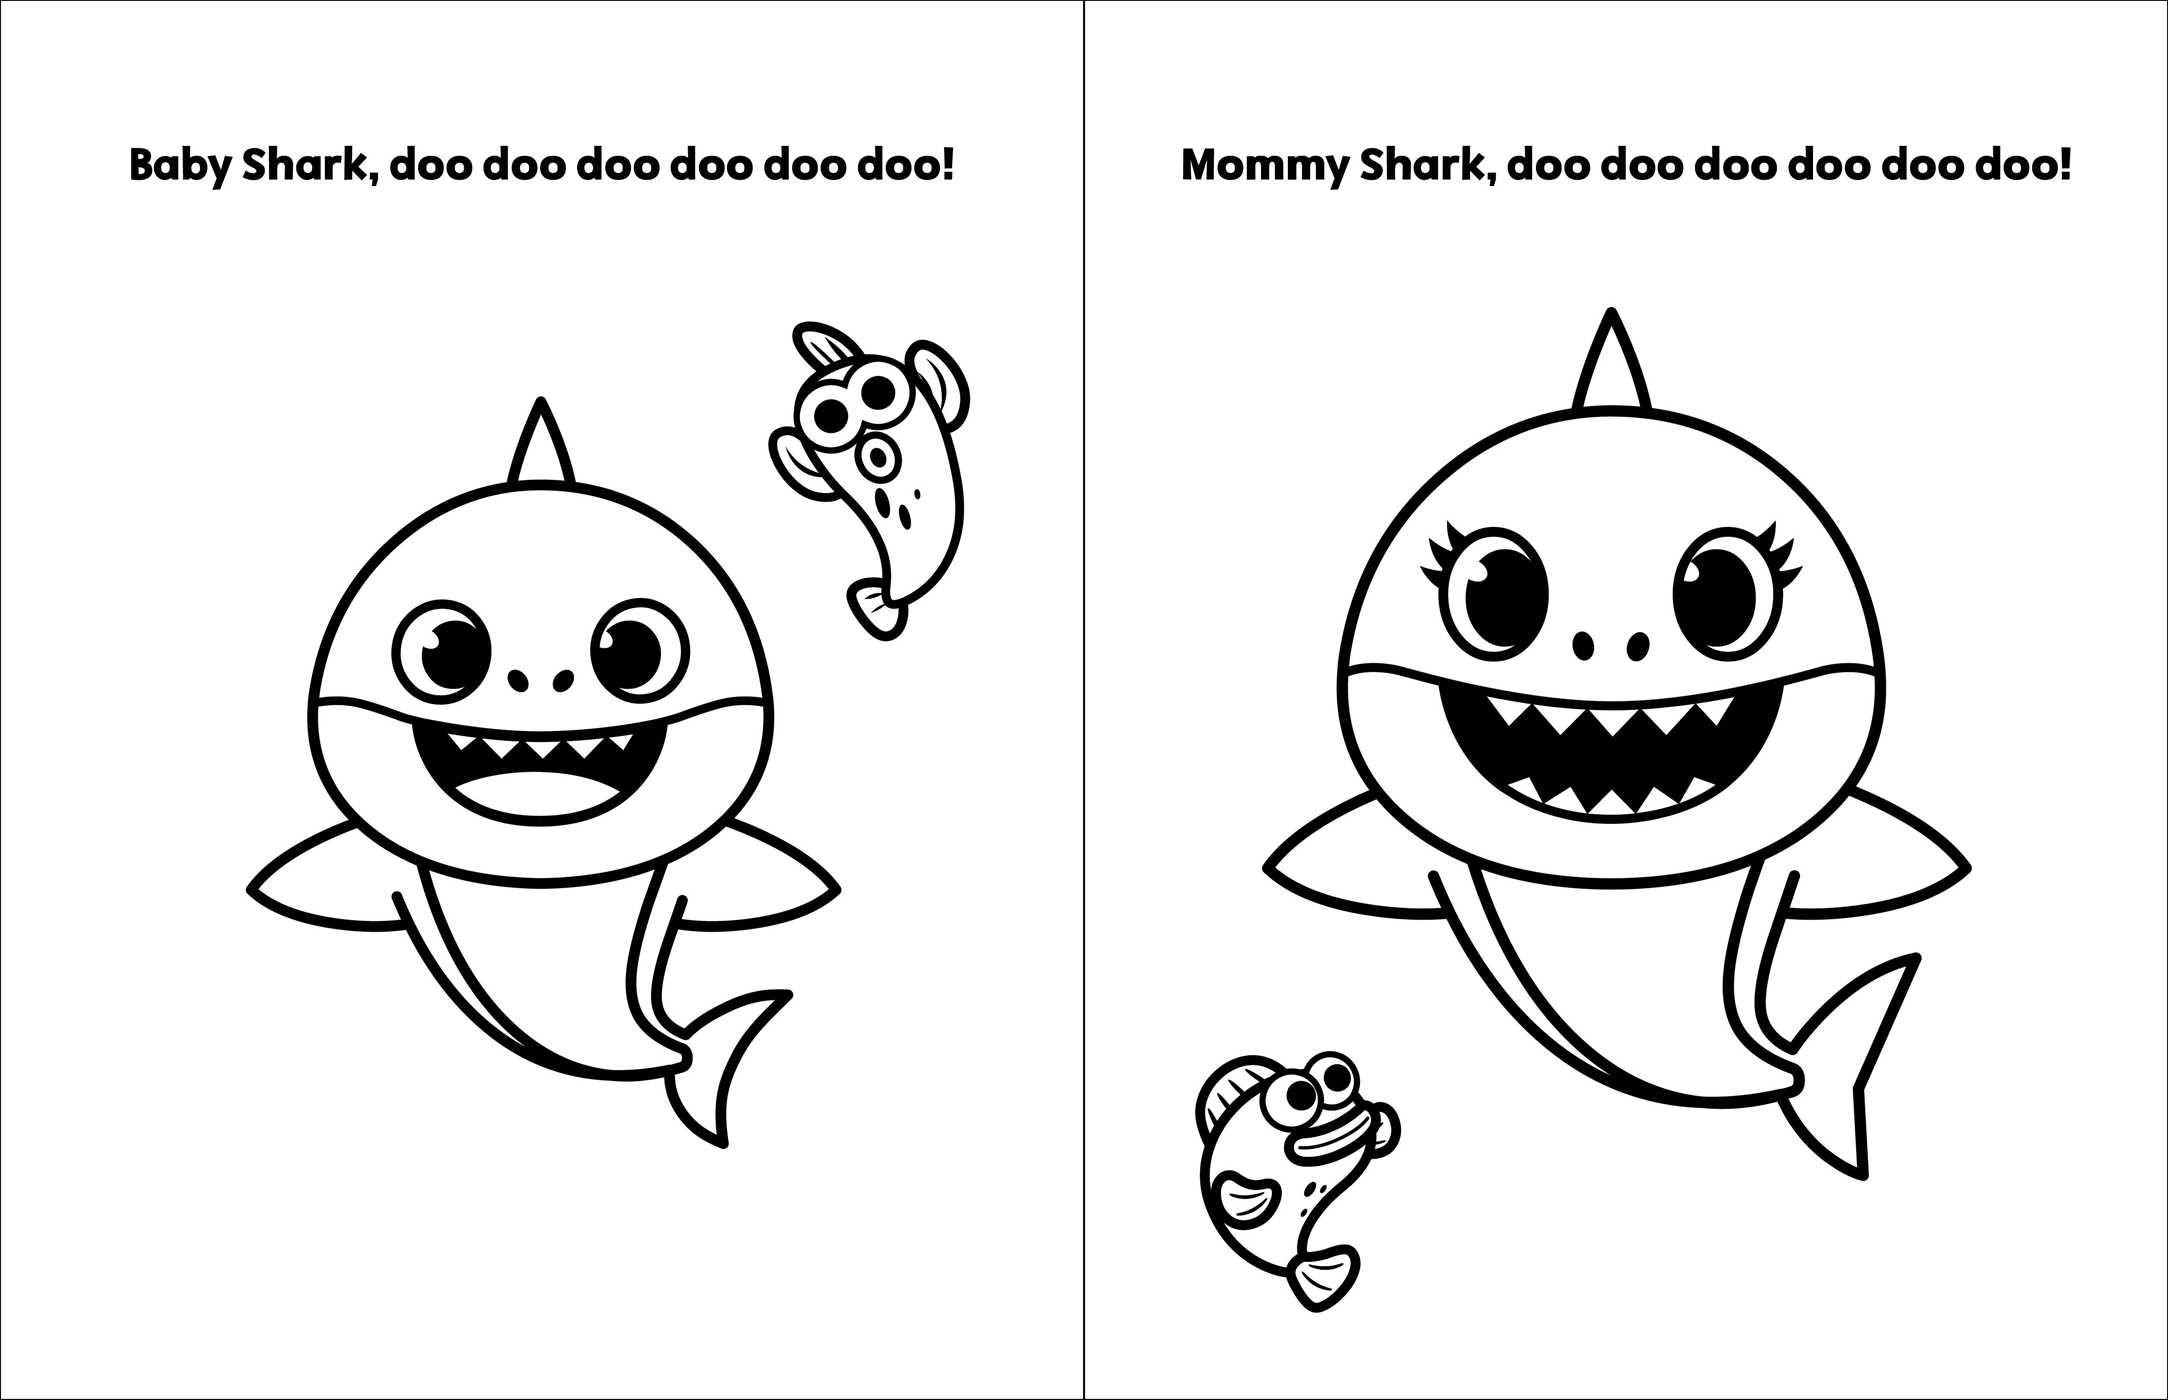 baby shark coloring page gambar mewarna baby shark gambar mewarna coloring page shark baby